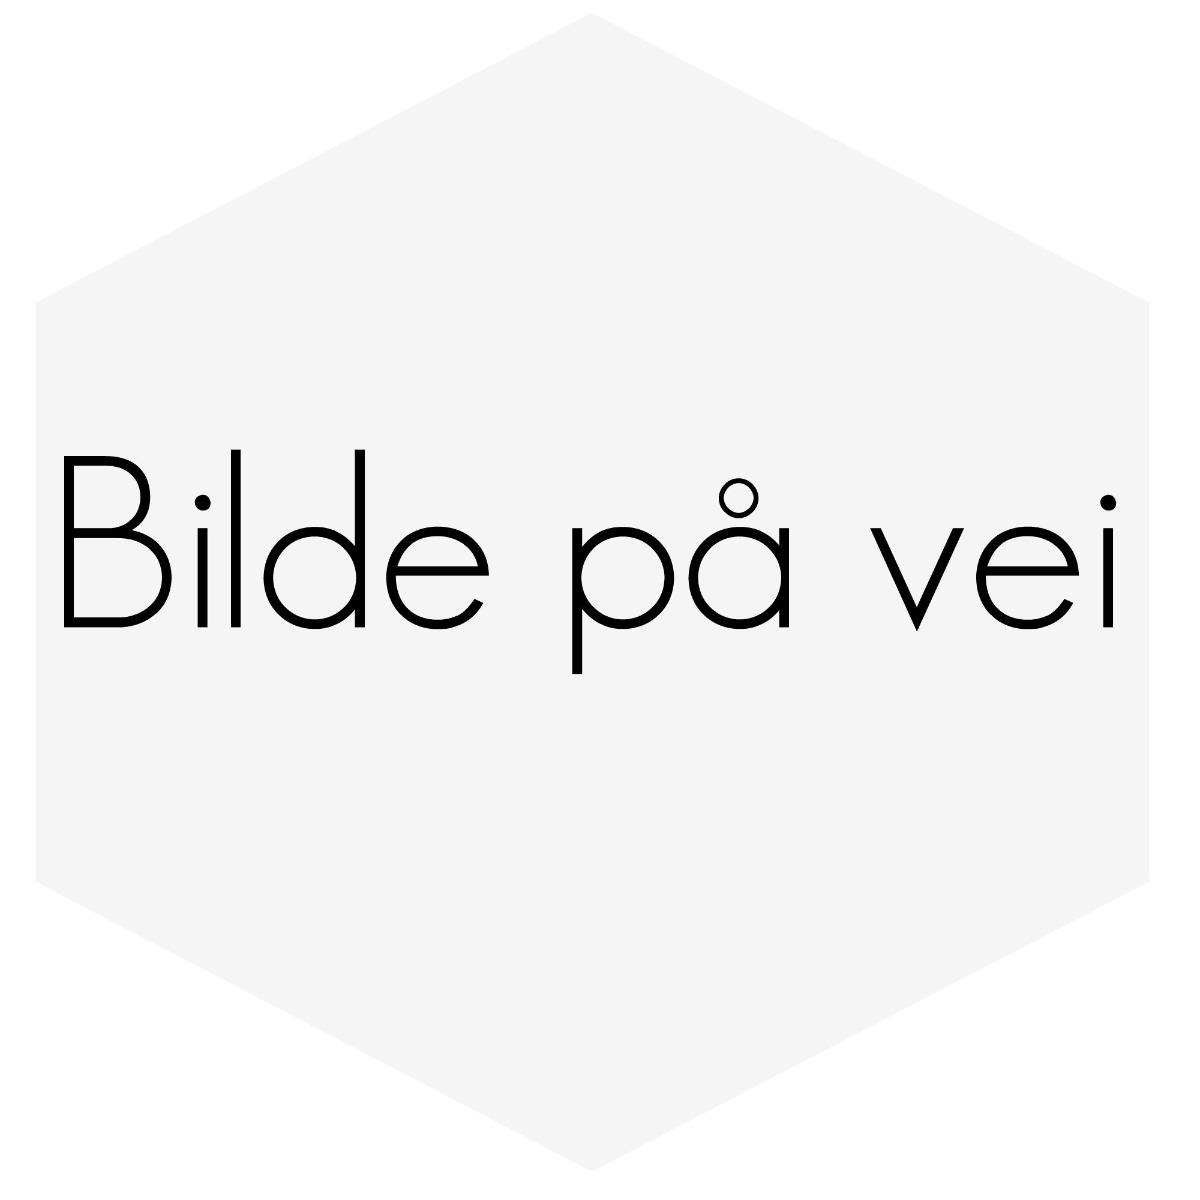 SILIKONSLANGE SVART FLEXIBEL GLATT 0,875'' (22MM)